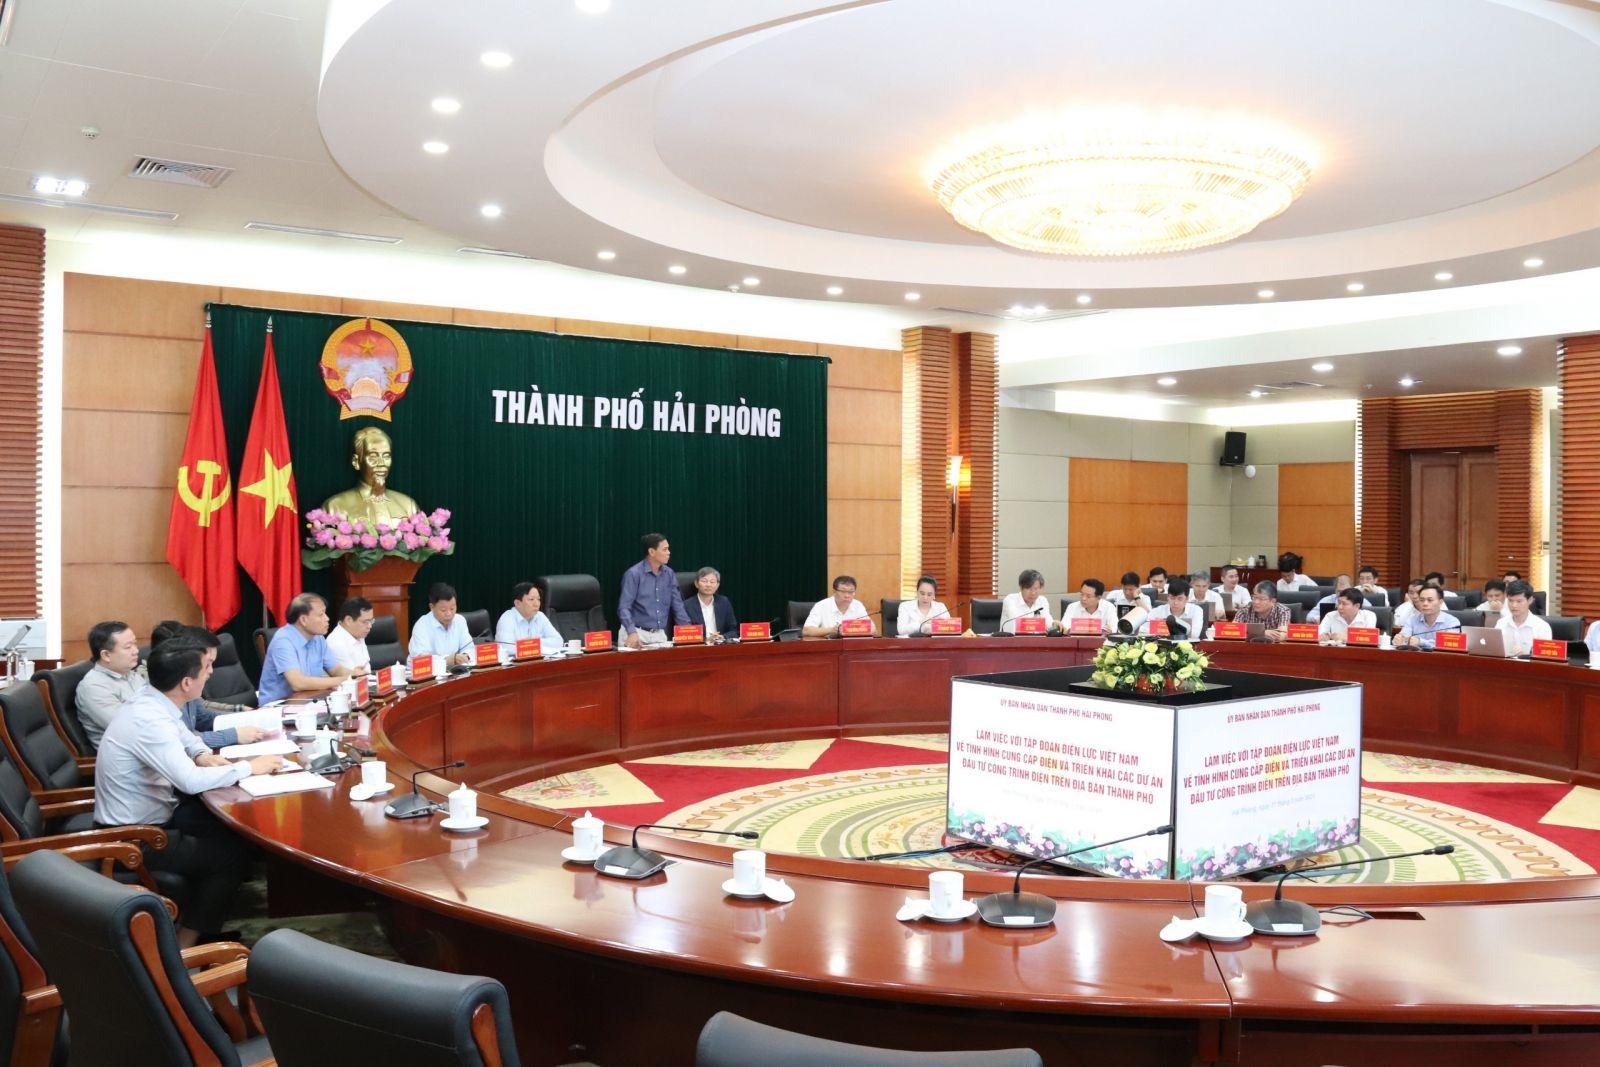 Toàn cảnh cuộc họp giữa Chủ tịch UBND TP Nguyễn Văn Tùng với Tập đoàn Điện lực Việt Nam tại thành phố Hải Phòng.